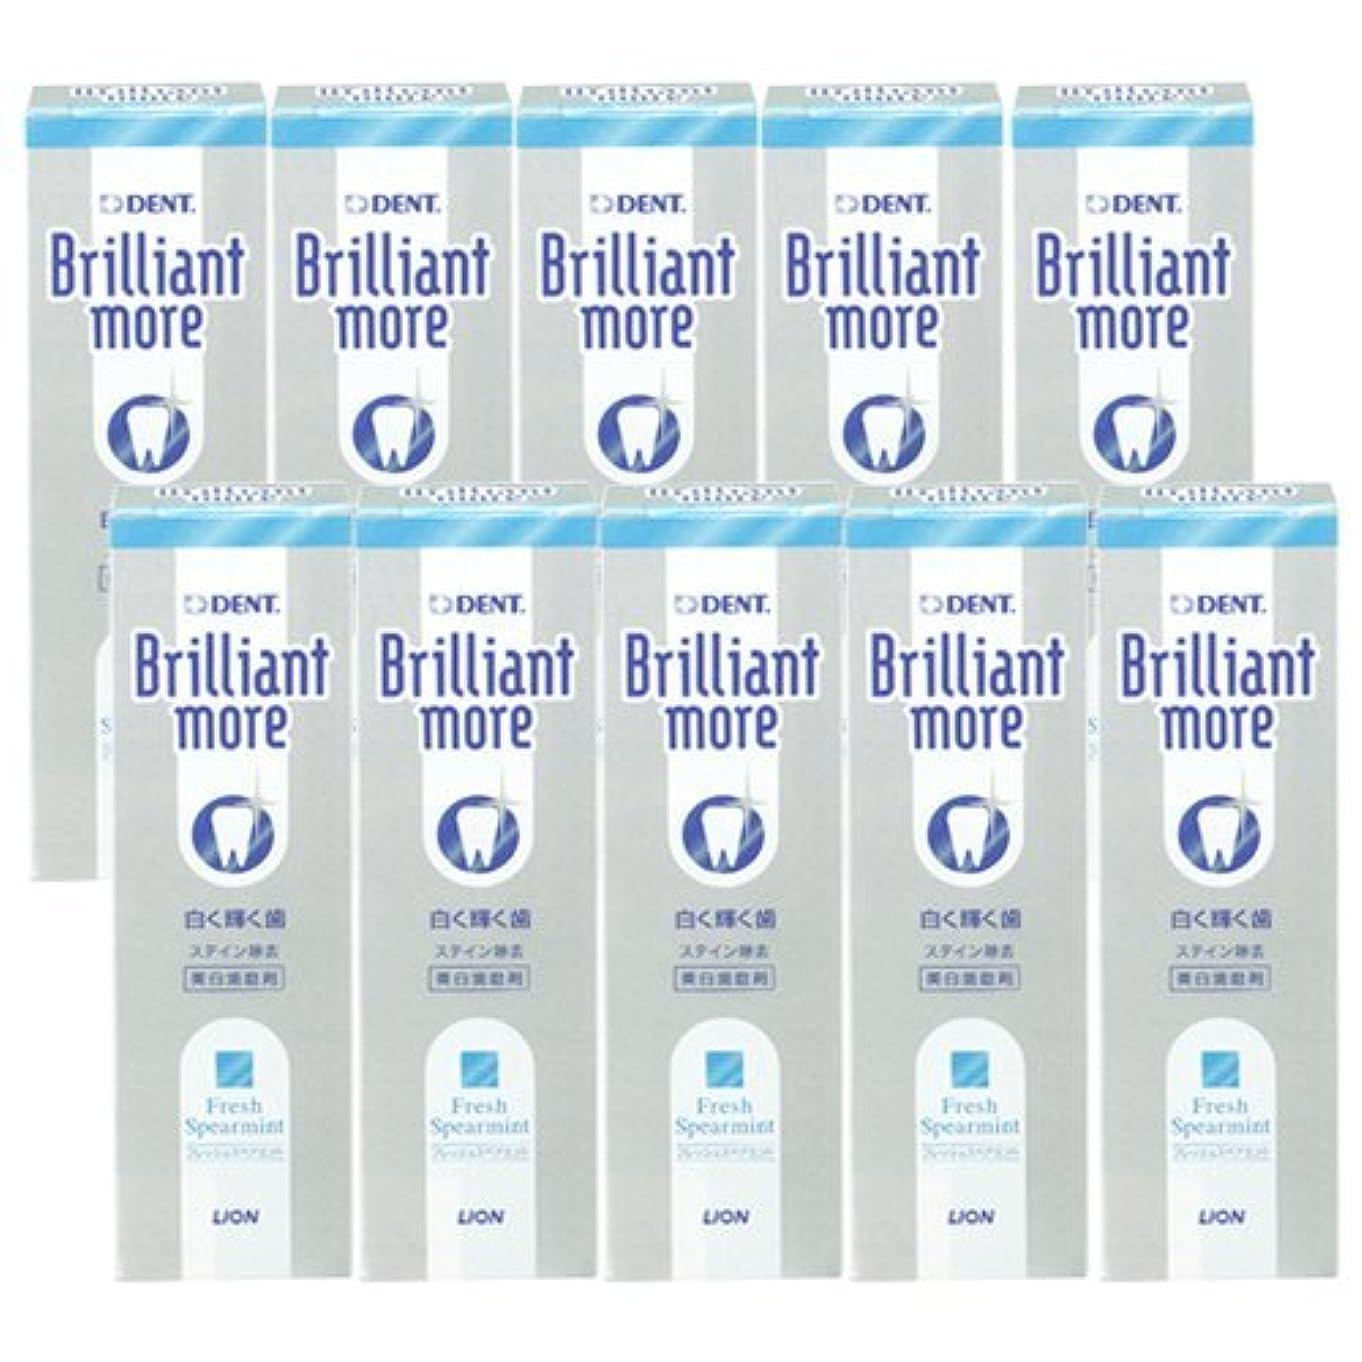 不信助けて無意識ライオン ブリリアントモア フレッシュスペアミント 美白歯磨剤 LION Brilliant more 10本セット